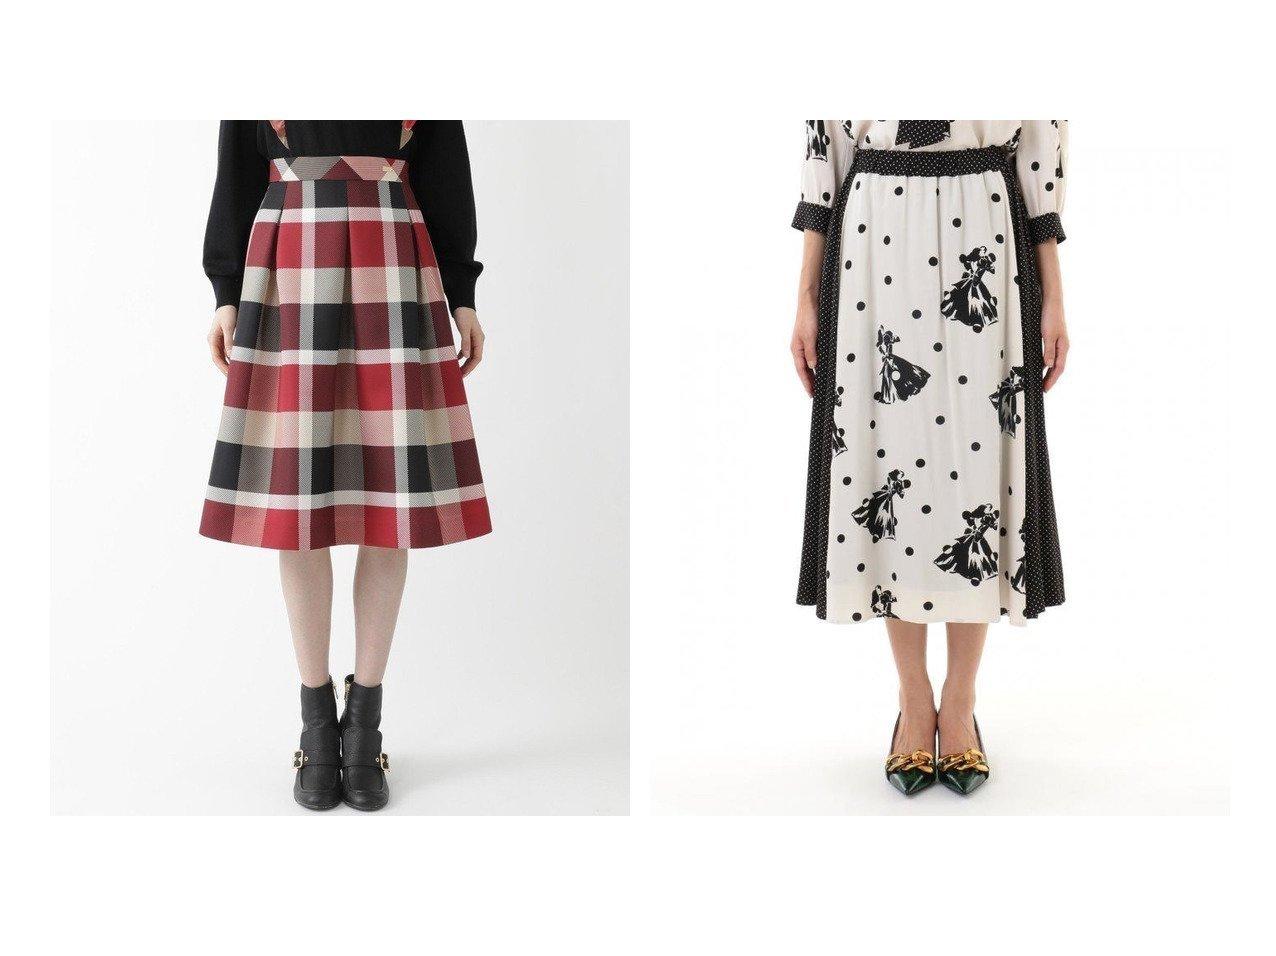 【GRACE CONTINENTAL/グレース コンチネンタル】のダンサードット切替スカート&【BLUE LABEL CRESTBRIDGE/ブルーレーベル クレストブリッジ】のクレストブリッジチェックグログランプリントスカート スカートのおすすめ!人気、トレンド・レディースファッションの通販 おすすめで人気の流行・トレンド、ファッションの通販商品 メンズファッション・キッズファッション・インテリア・家具・レディースファッション・服の通販 founy(ファニー) https://founy.com/ ファッション Fashion レディースファッション WOMEN スカート Skirt セットアップ ドット ヴィンテージ 再入荷 Restock/Back in Stock/Re Arrival 切替 NEW・新作・新着・新入荷 New Arrivals コンパクト リブニット |ID:crp329100000016088